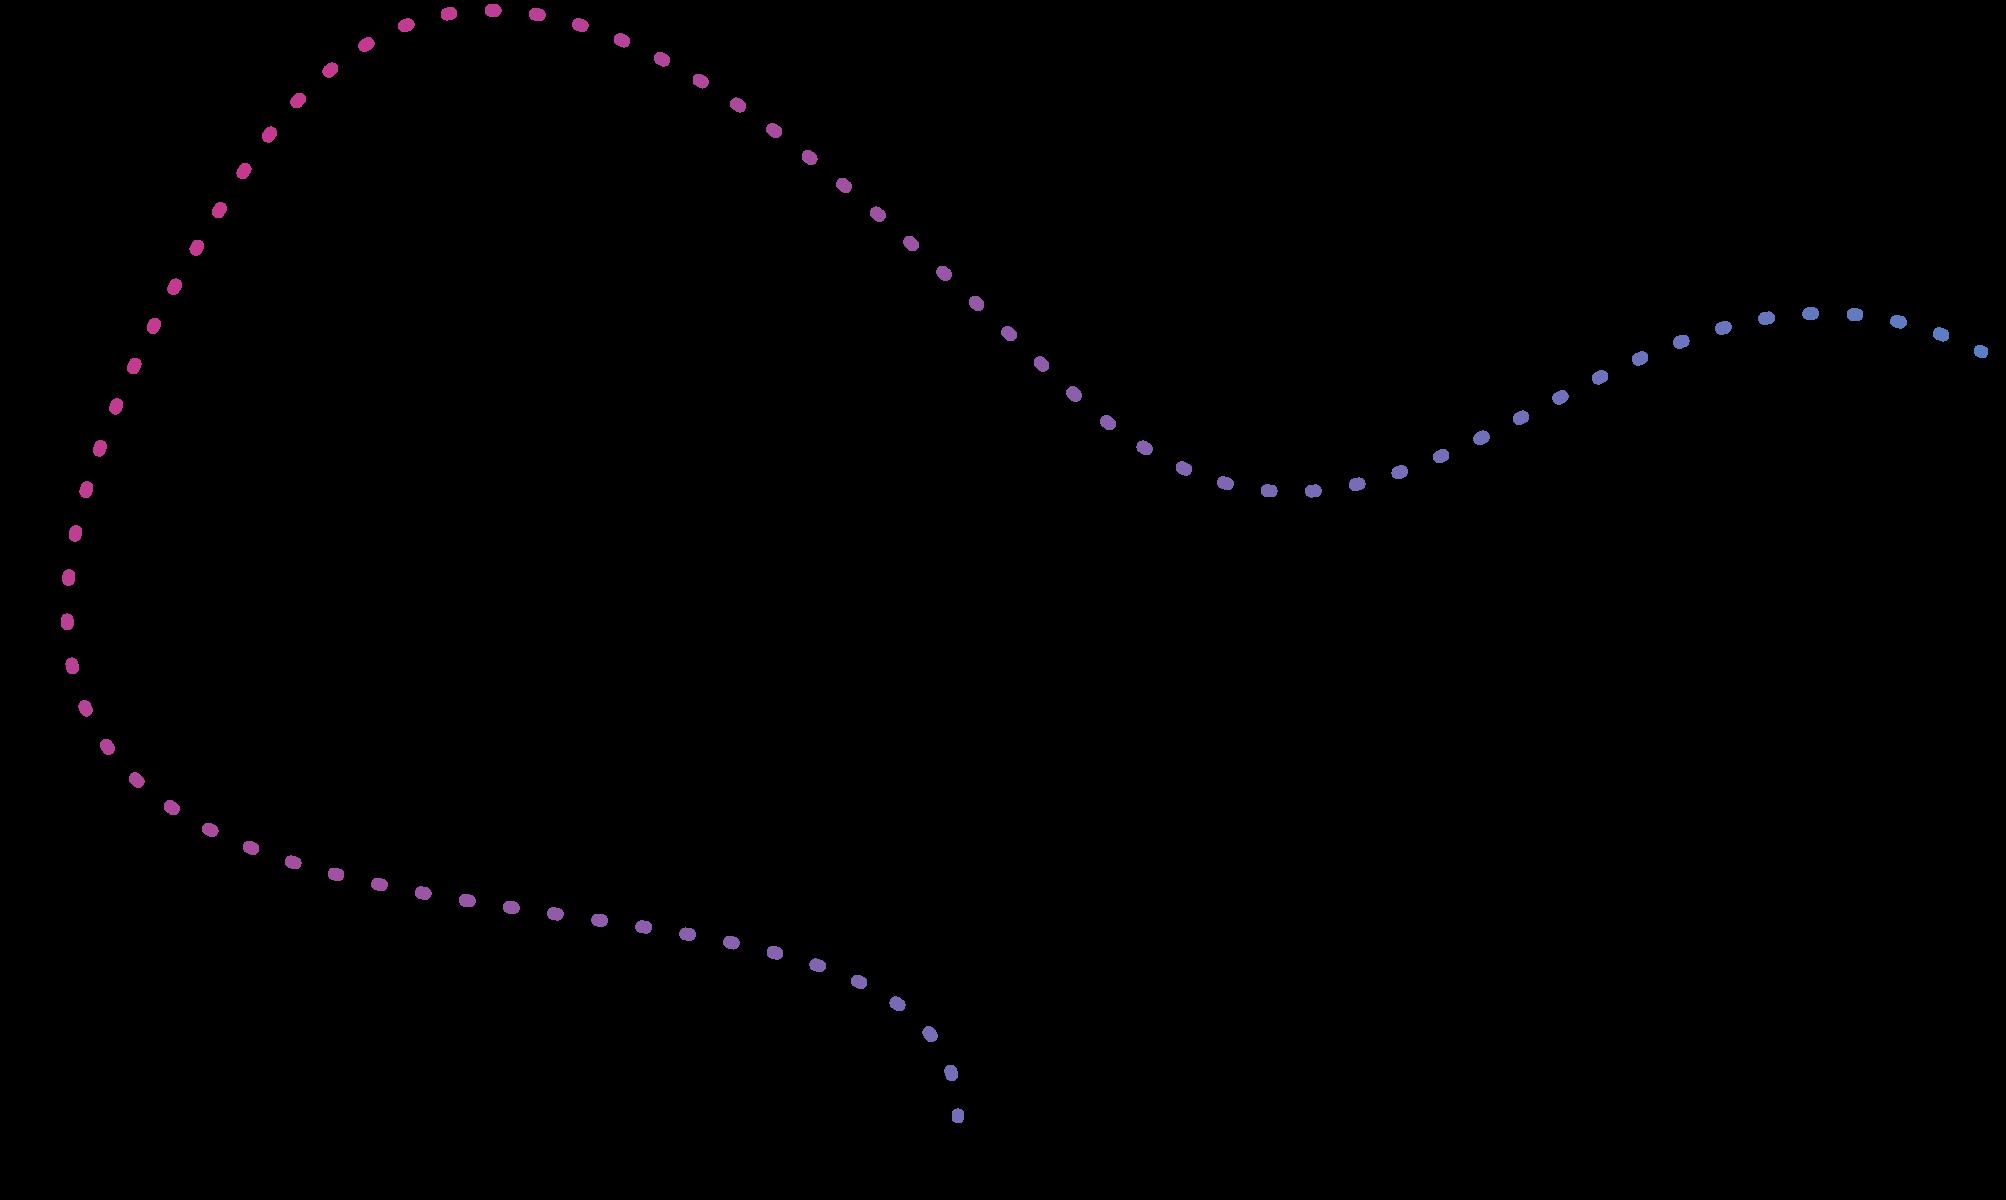 Vector (6)